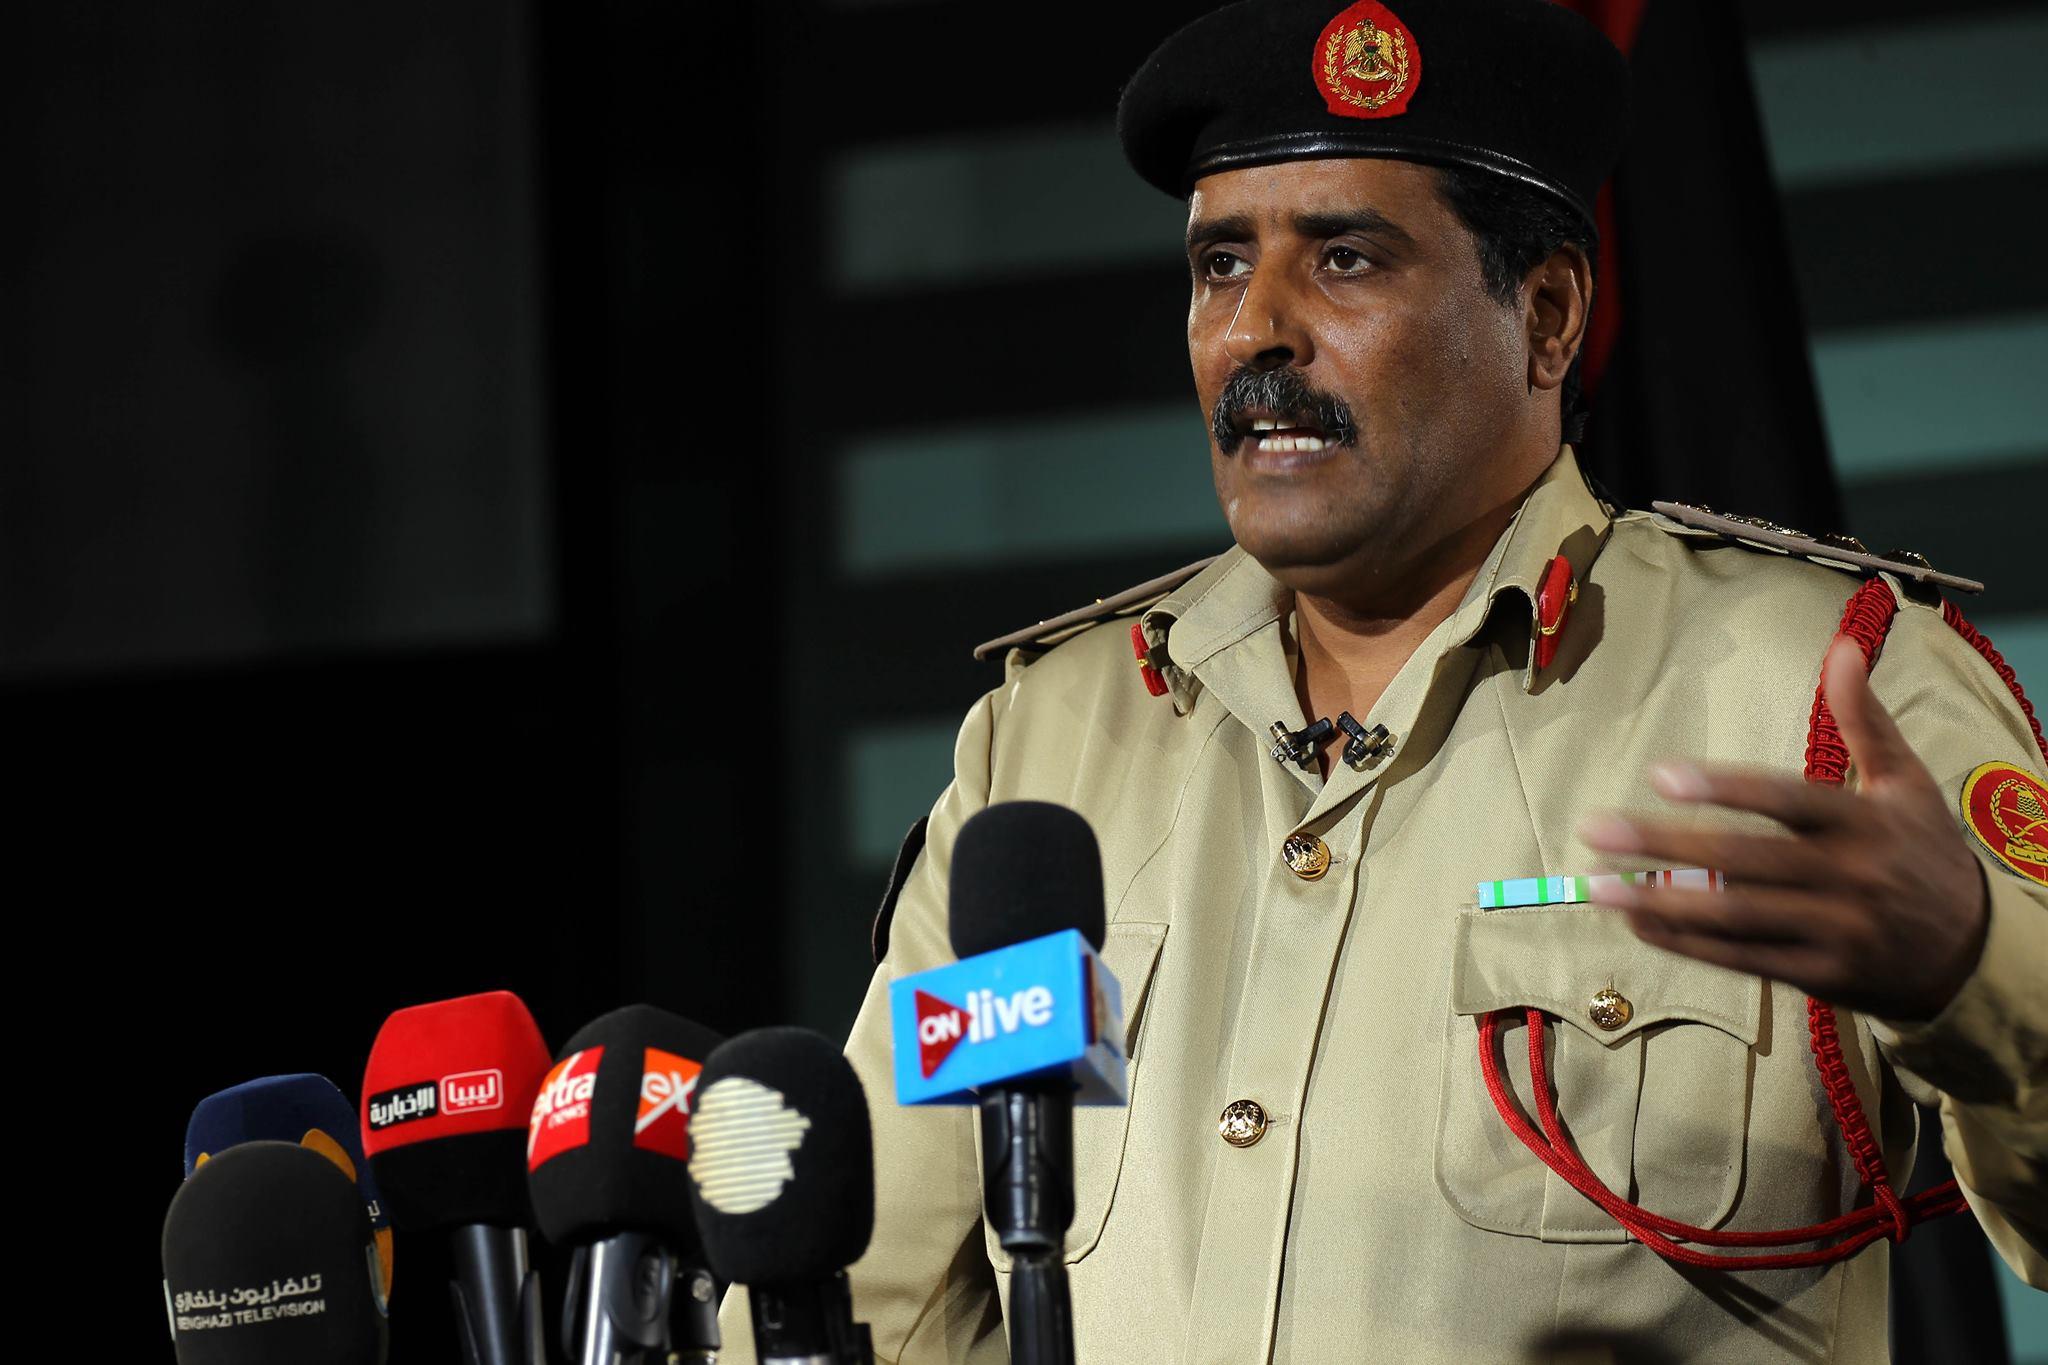 سخنگوي خليفه حفتر از مقدمات حمله به طرابلس خبر داد